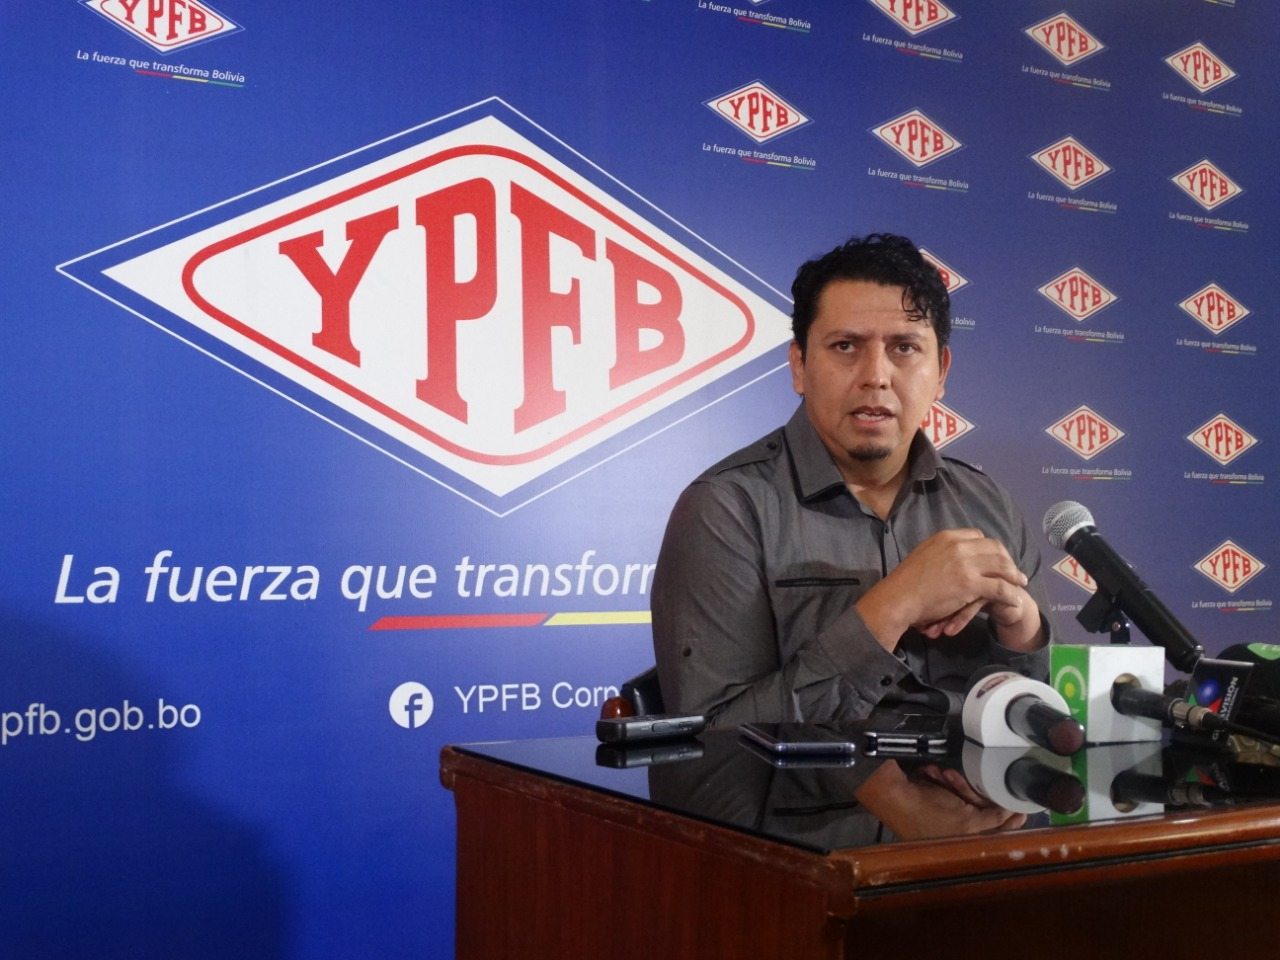 YPFB superará el millón de instalaciones de gas domiciliario en la gestión 2019